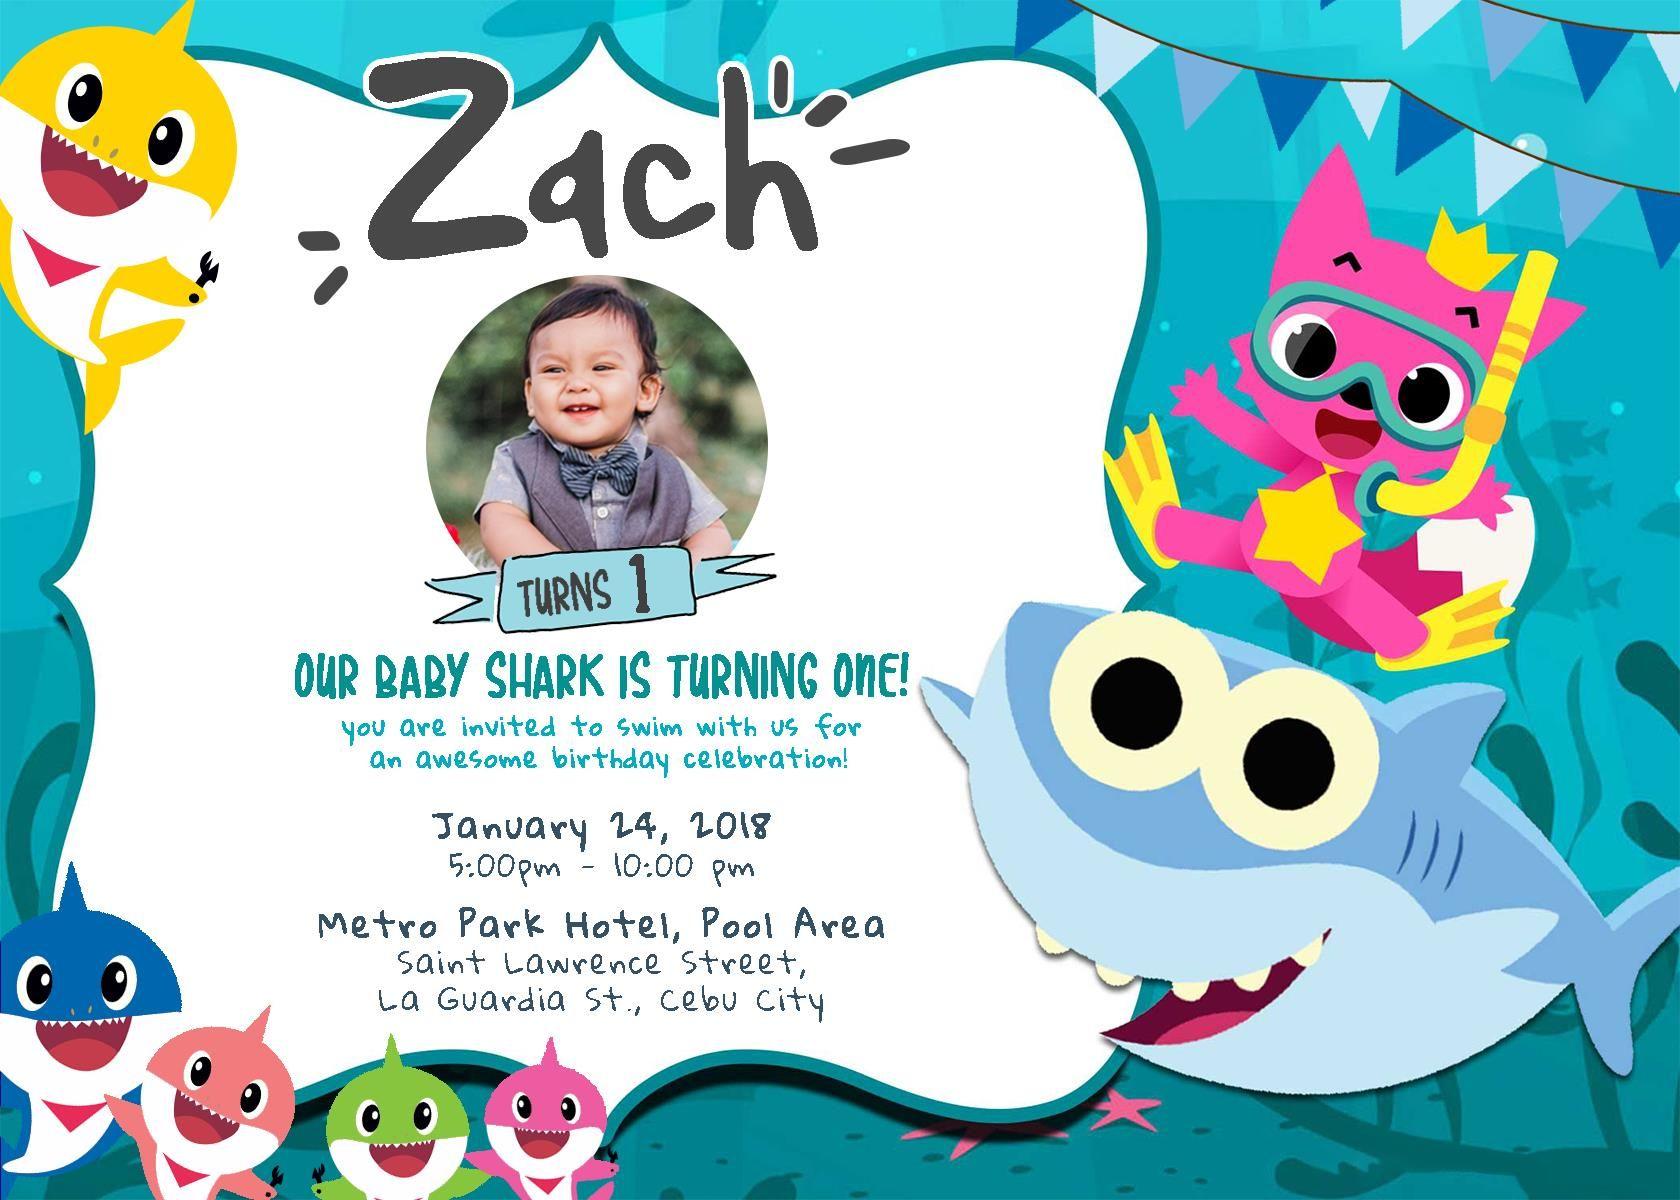 Baby Shark Invitation Shark birthday invitations, Baby